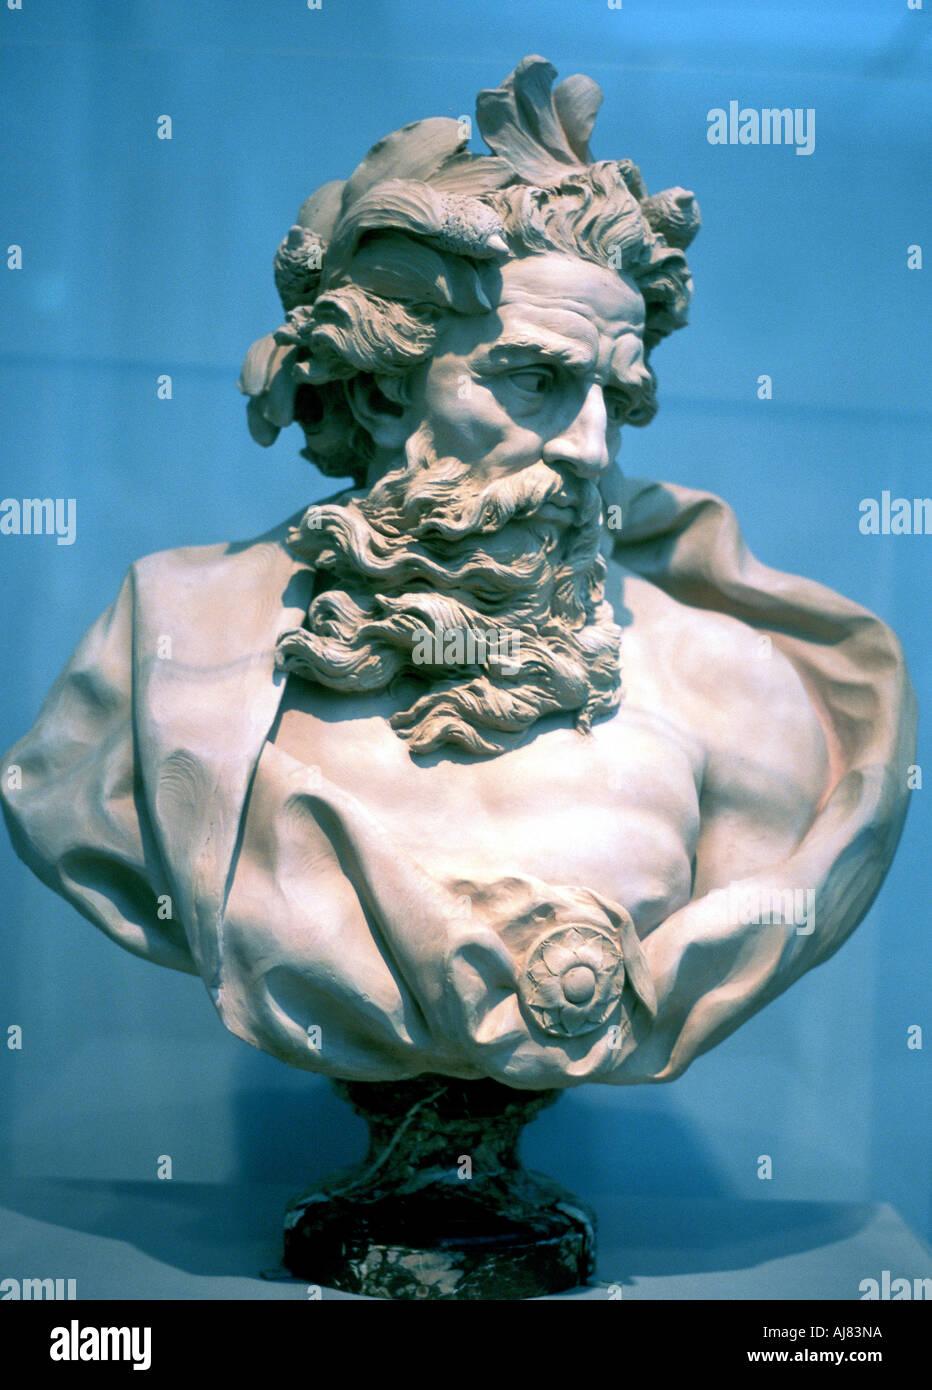 Neptune Roman god of the oceans  - Stock Image